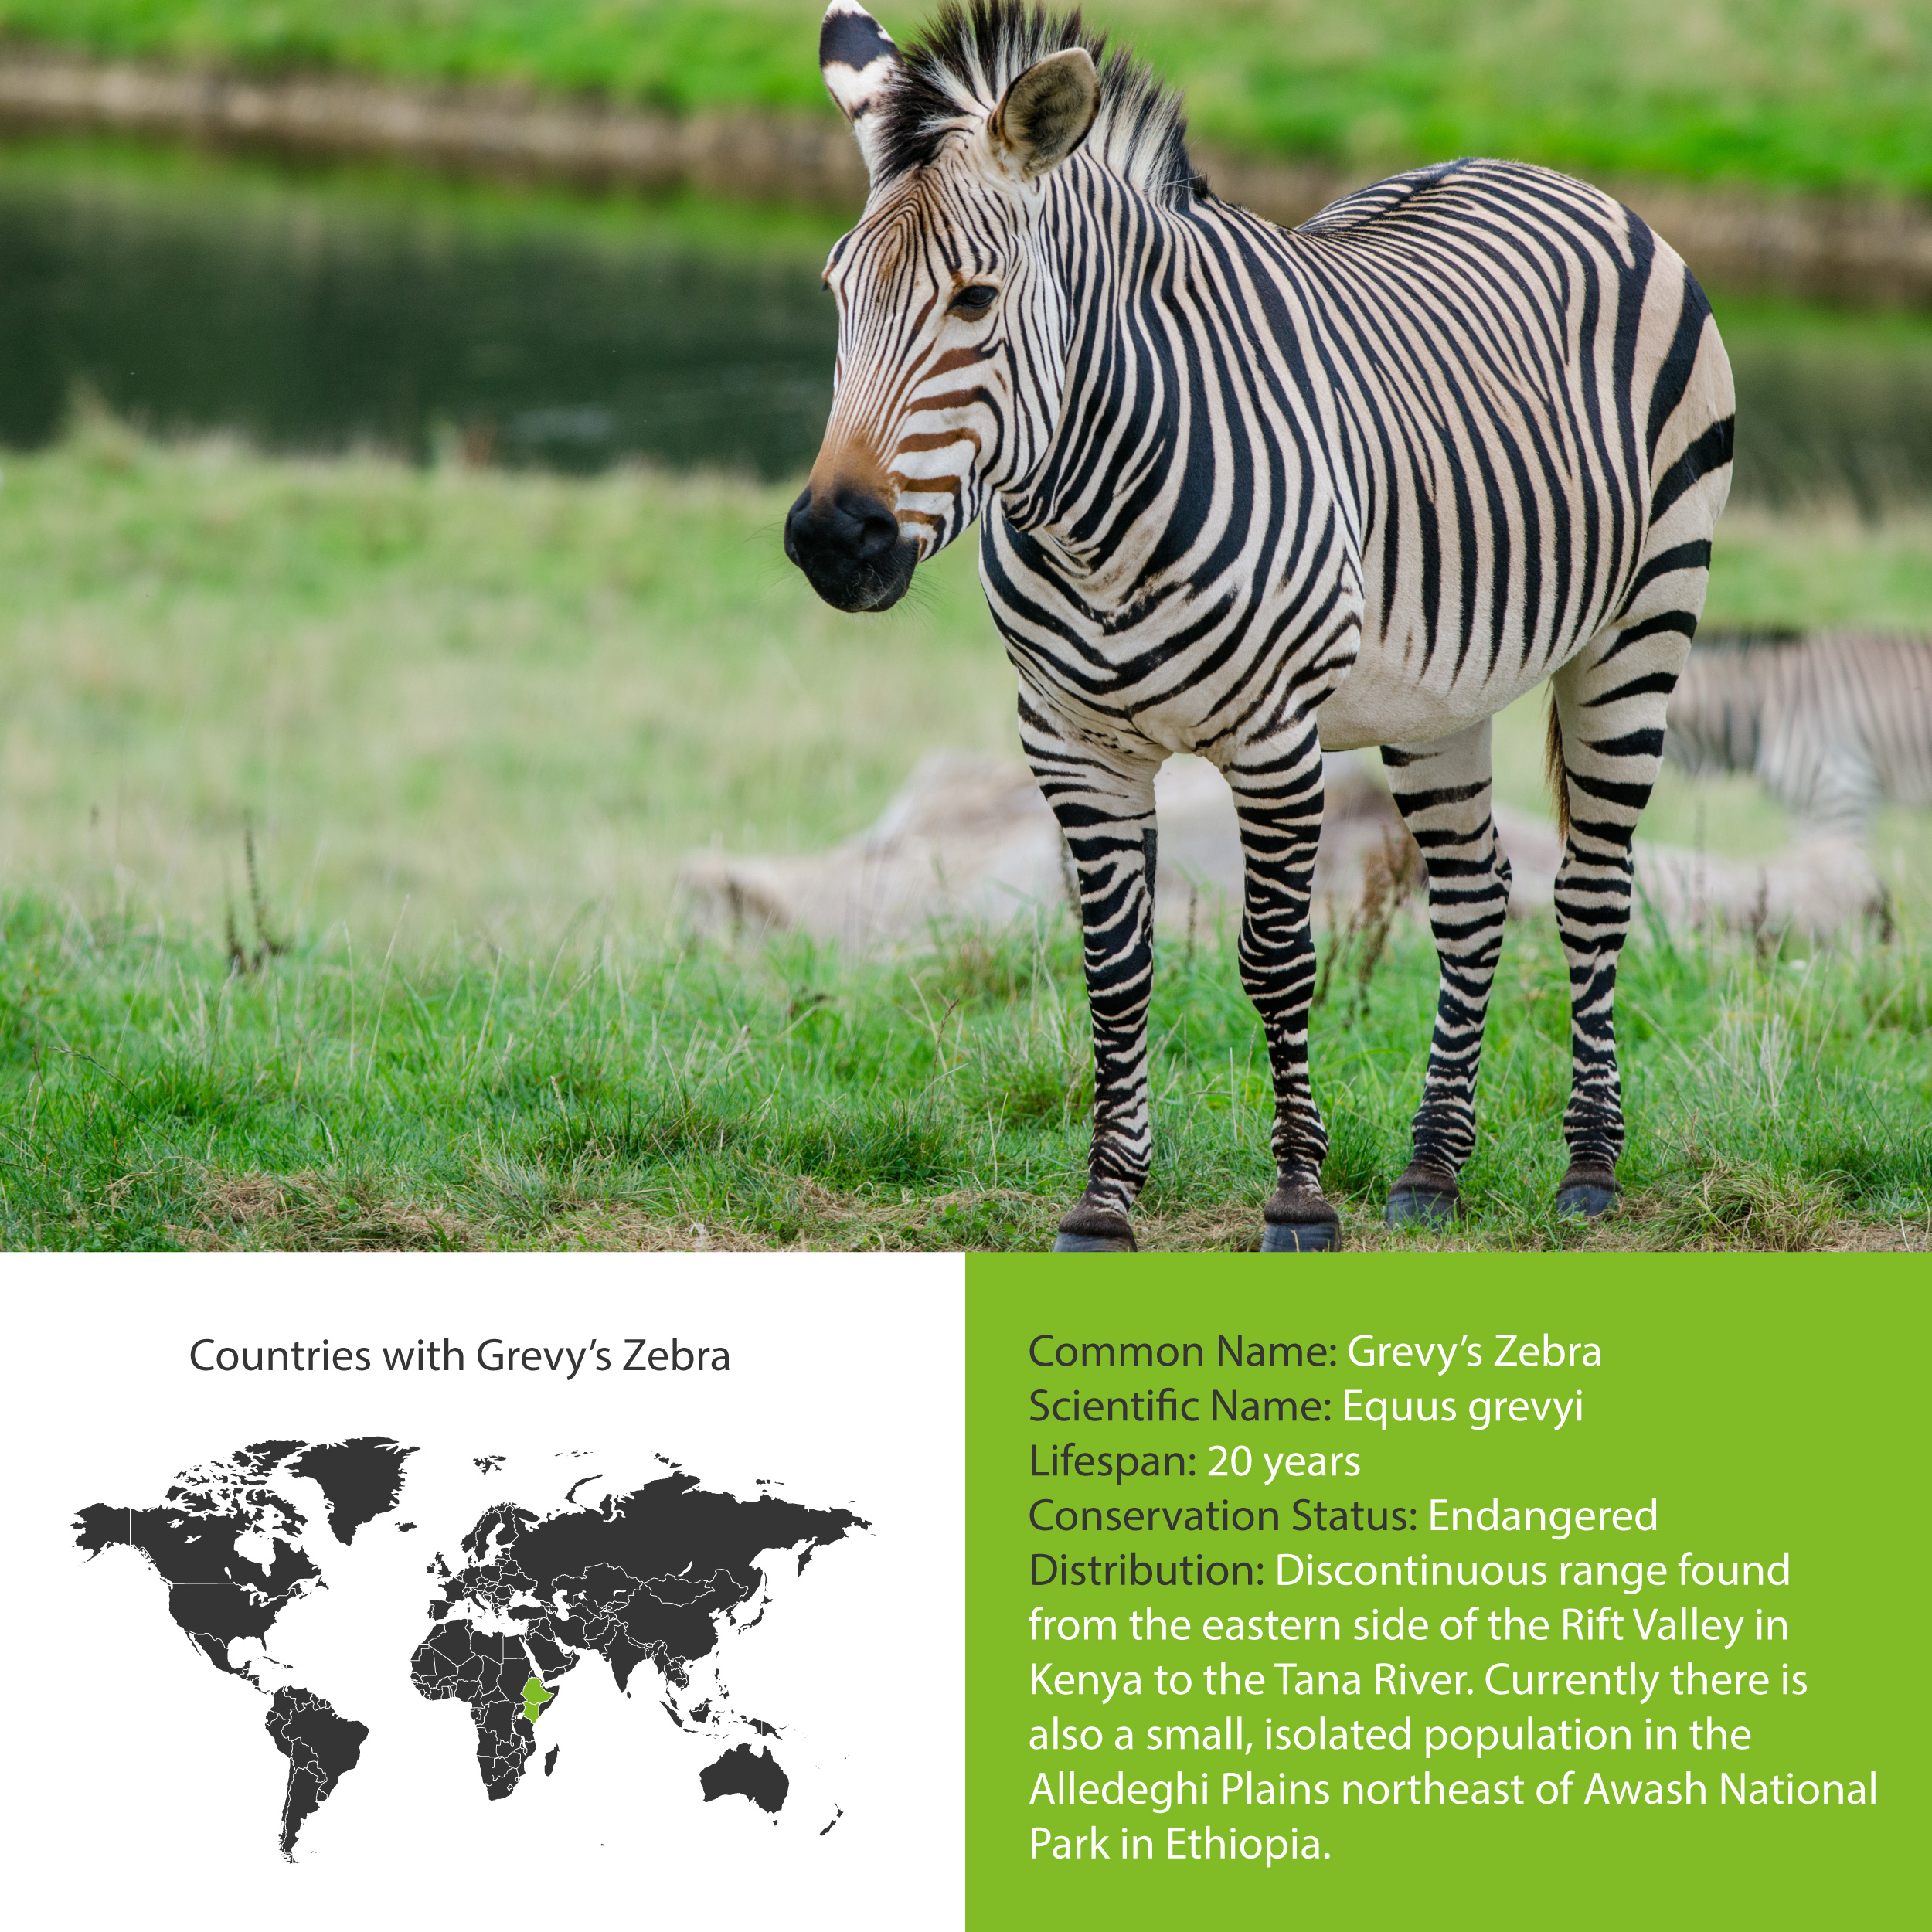 Grevy's Zebra Distribution